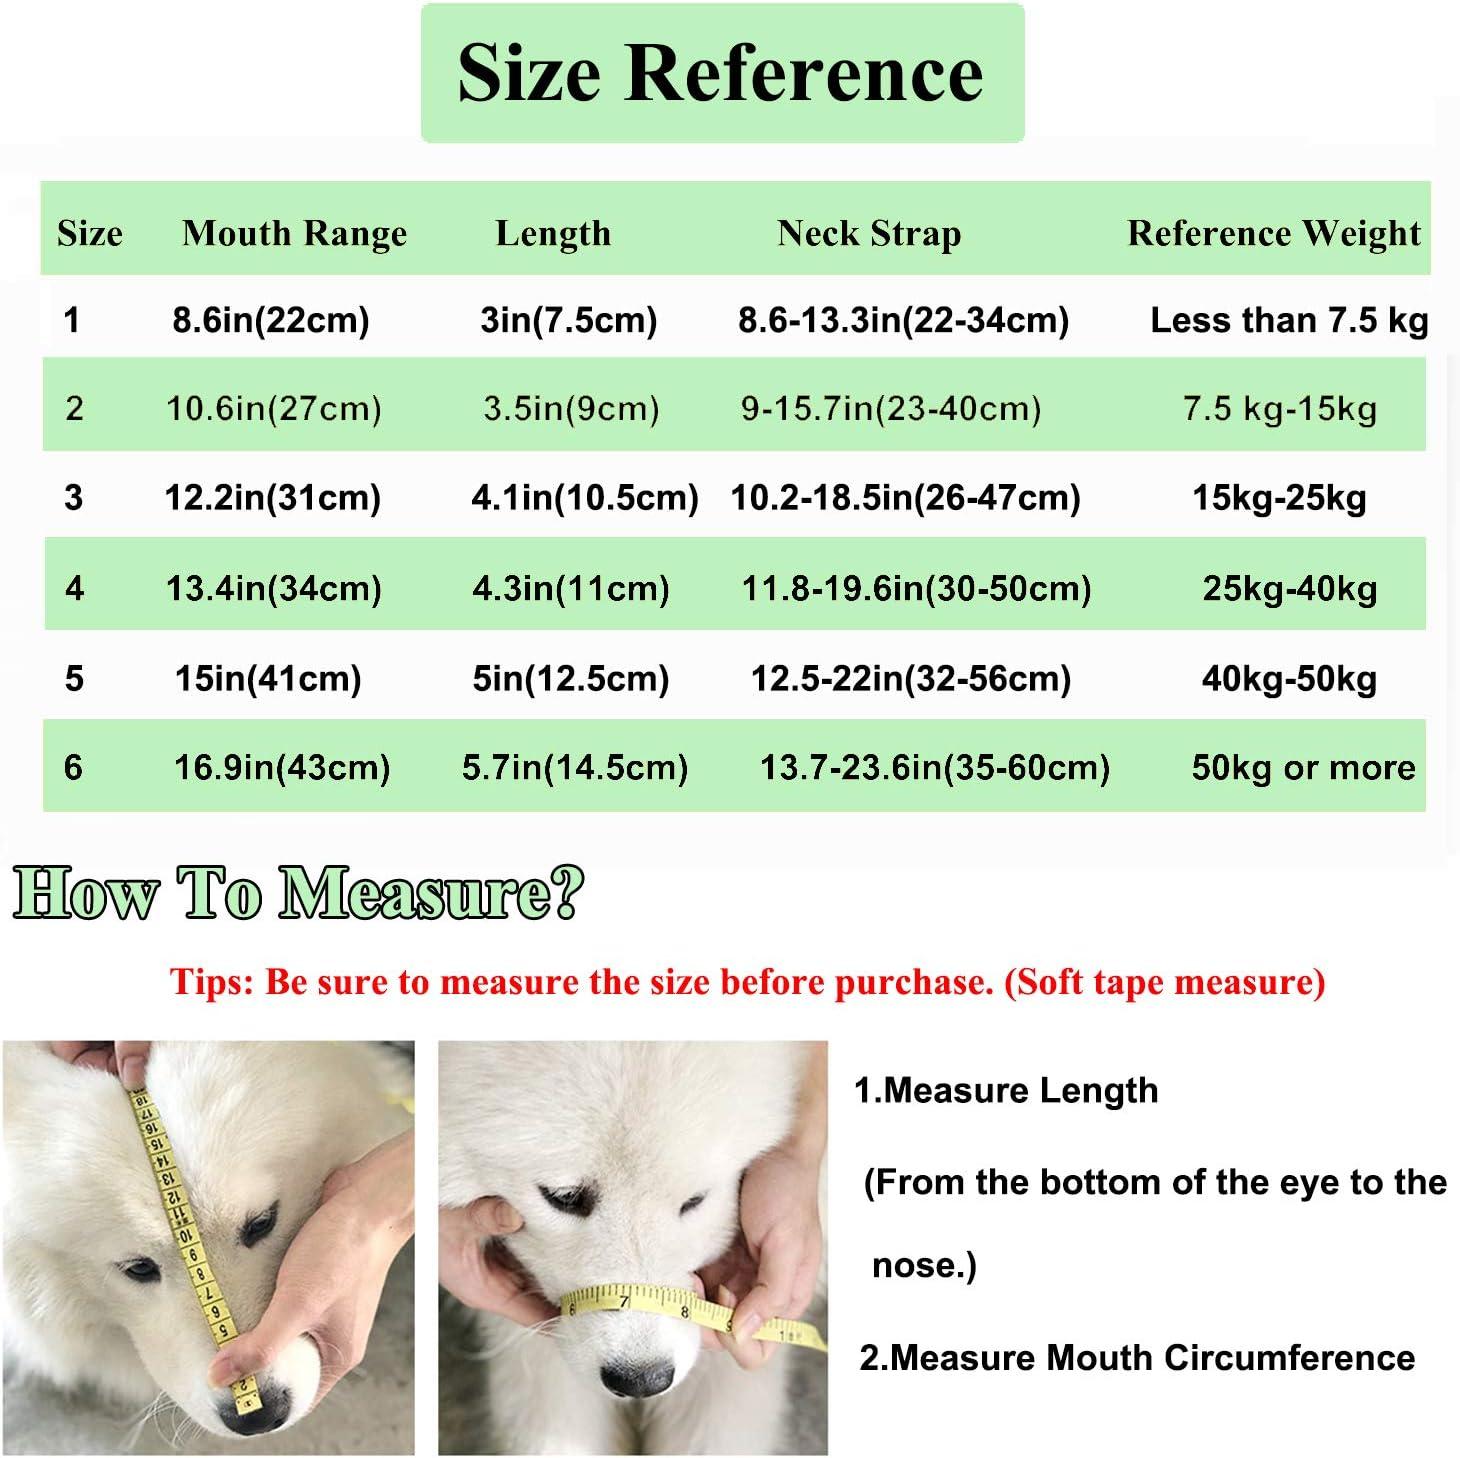 Atmungsaktiv ILEPARK Maulkorb f/ür Hunde Silikon Hundemaulkorb f/ür Kleine Mittelgro/ße und Gro/ße Hunde aus weichem leuchtenden Silikon